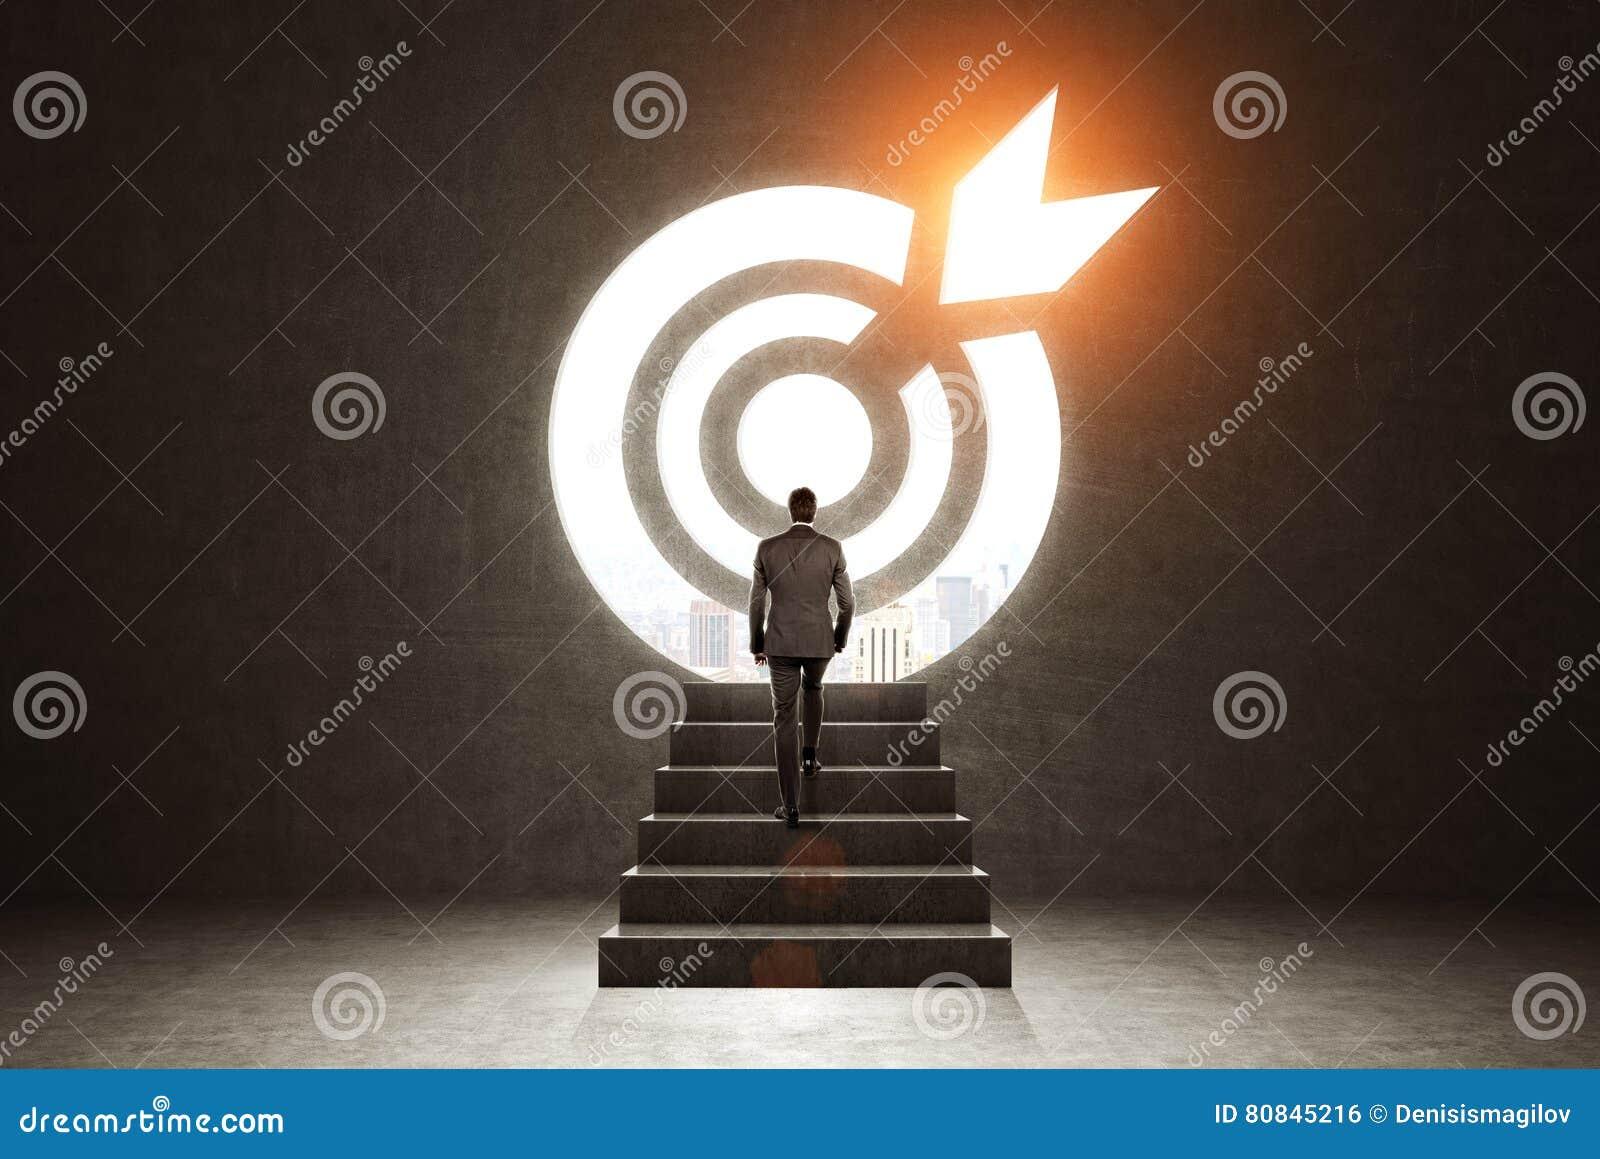 Man som klättrar till ett mål